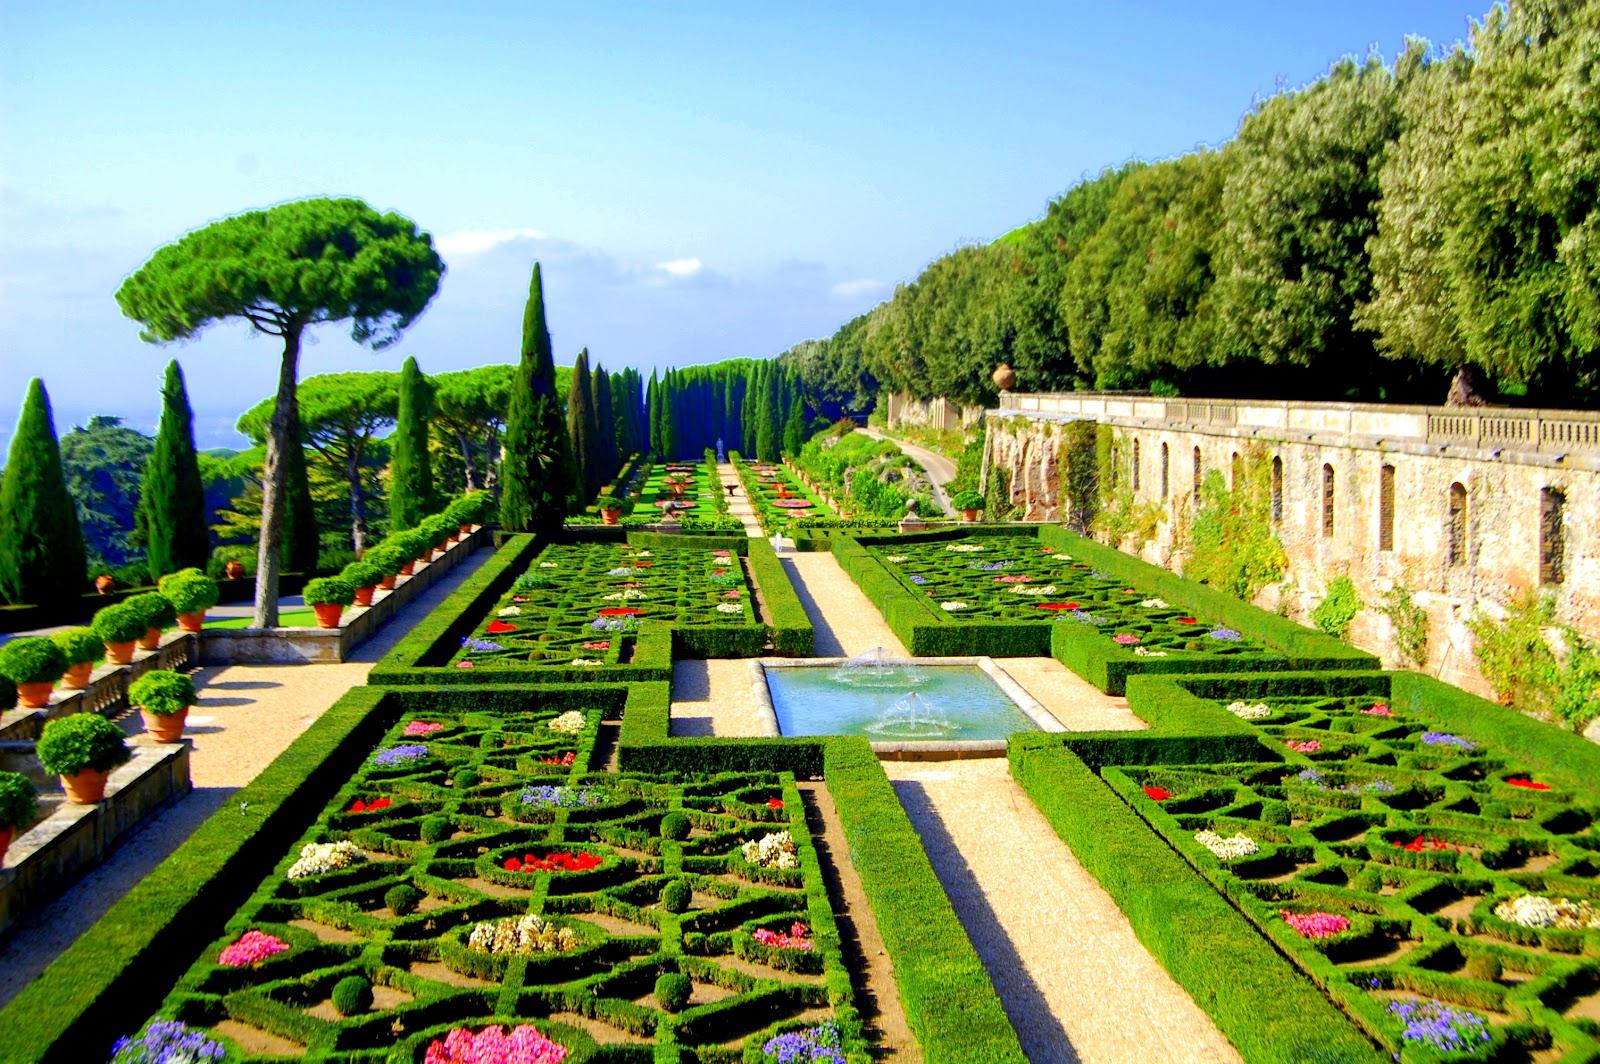 Visita ai giardini vaticani di castel gandolfo for Garden giardini